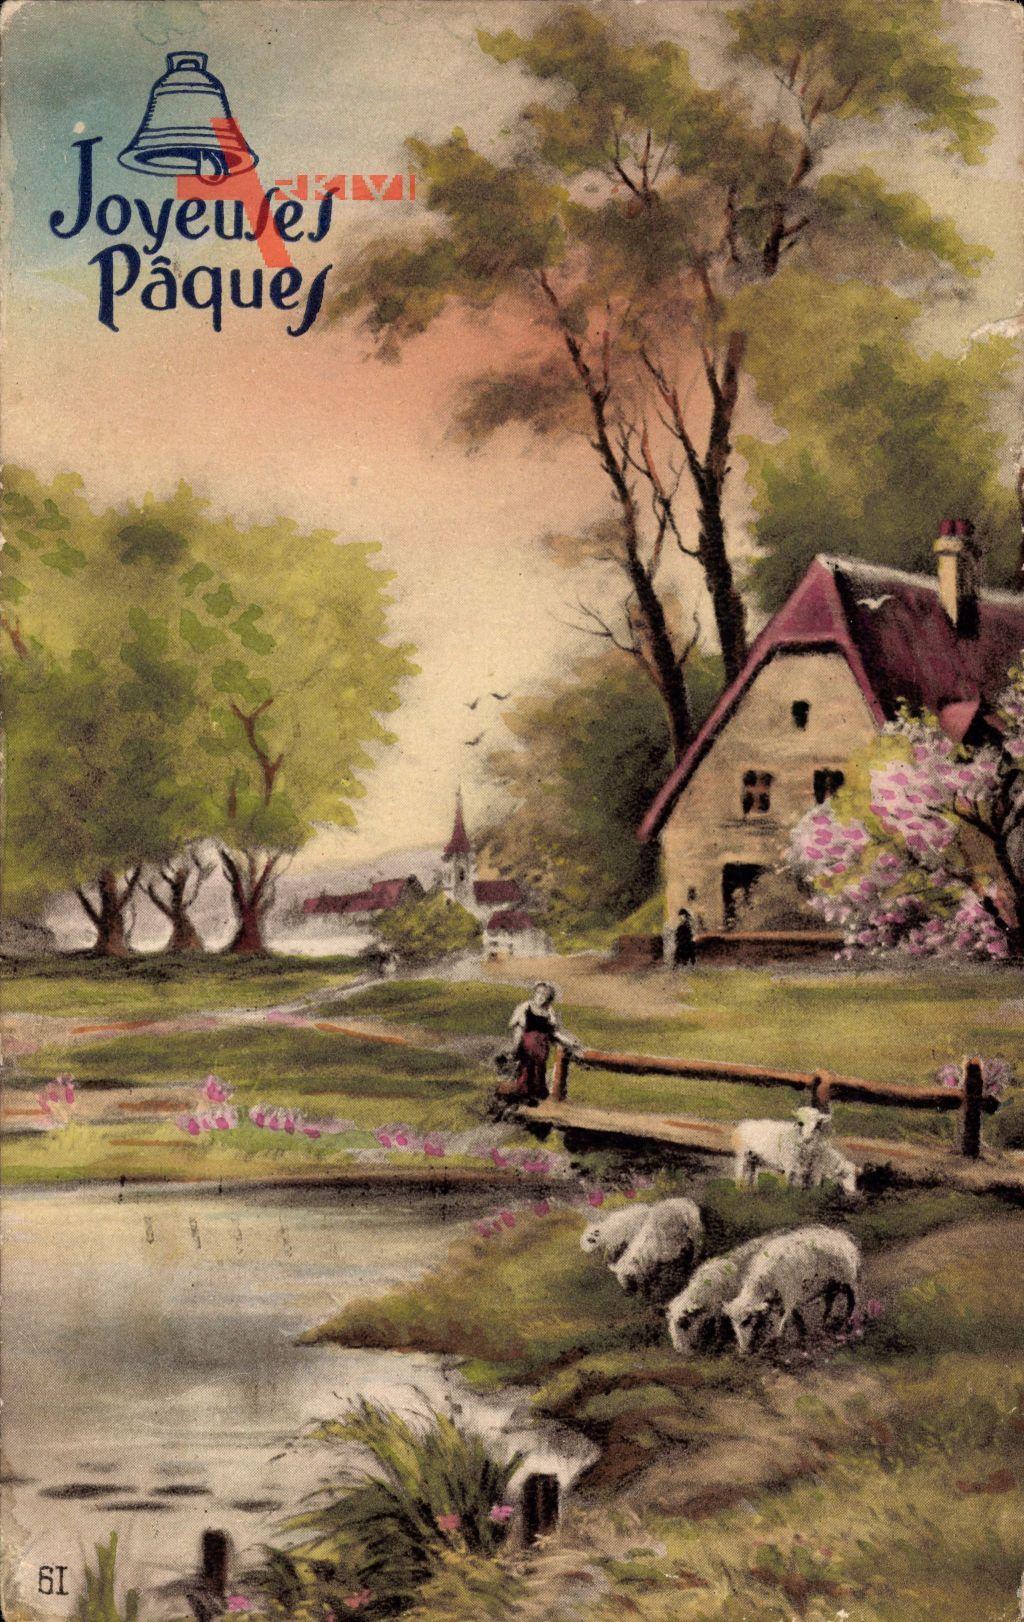 Glückwunsch Ostern, Lämmer am Fluss, Holzbrücke, Frühlingsidylle